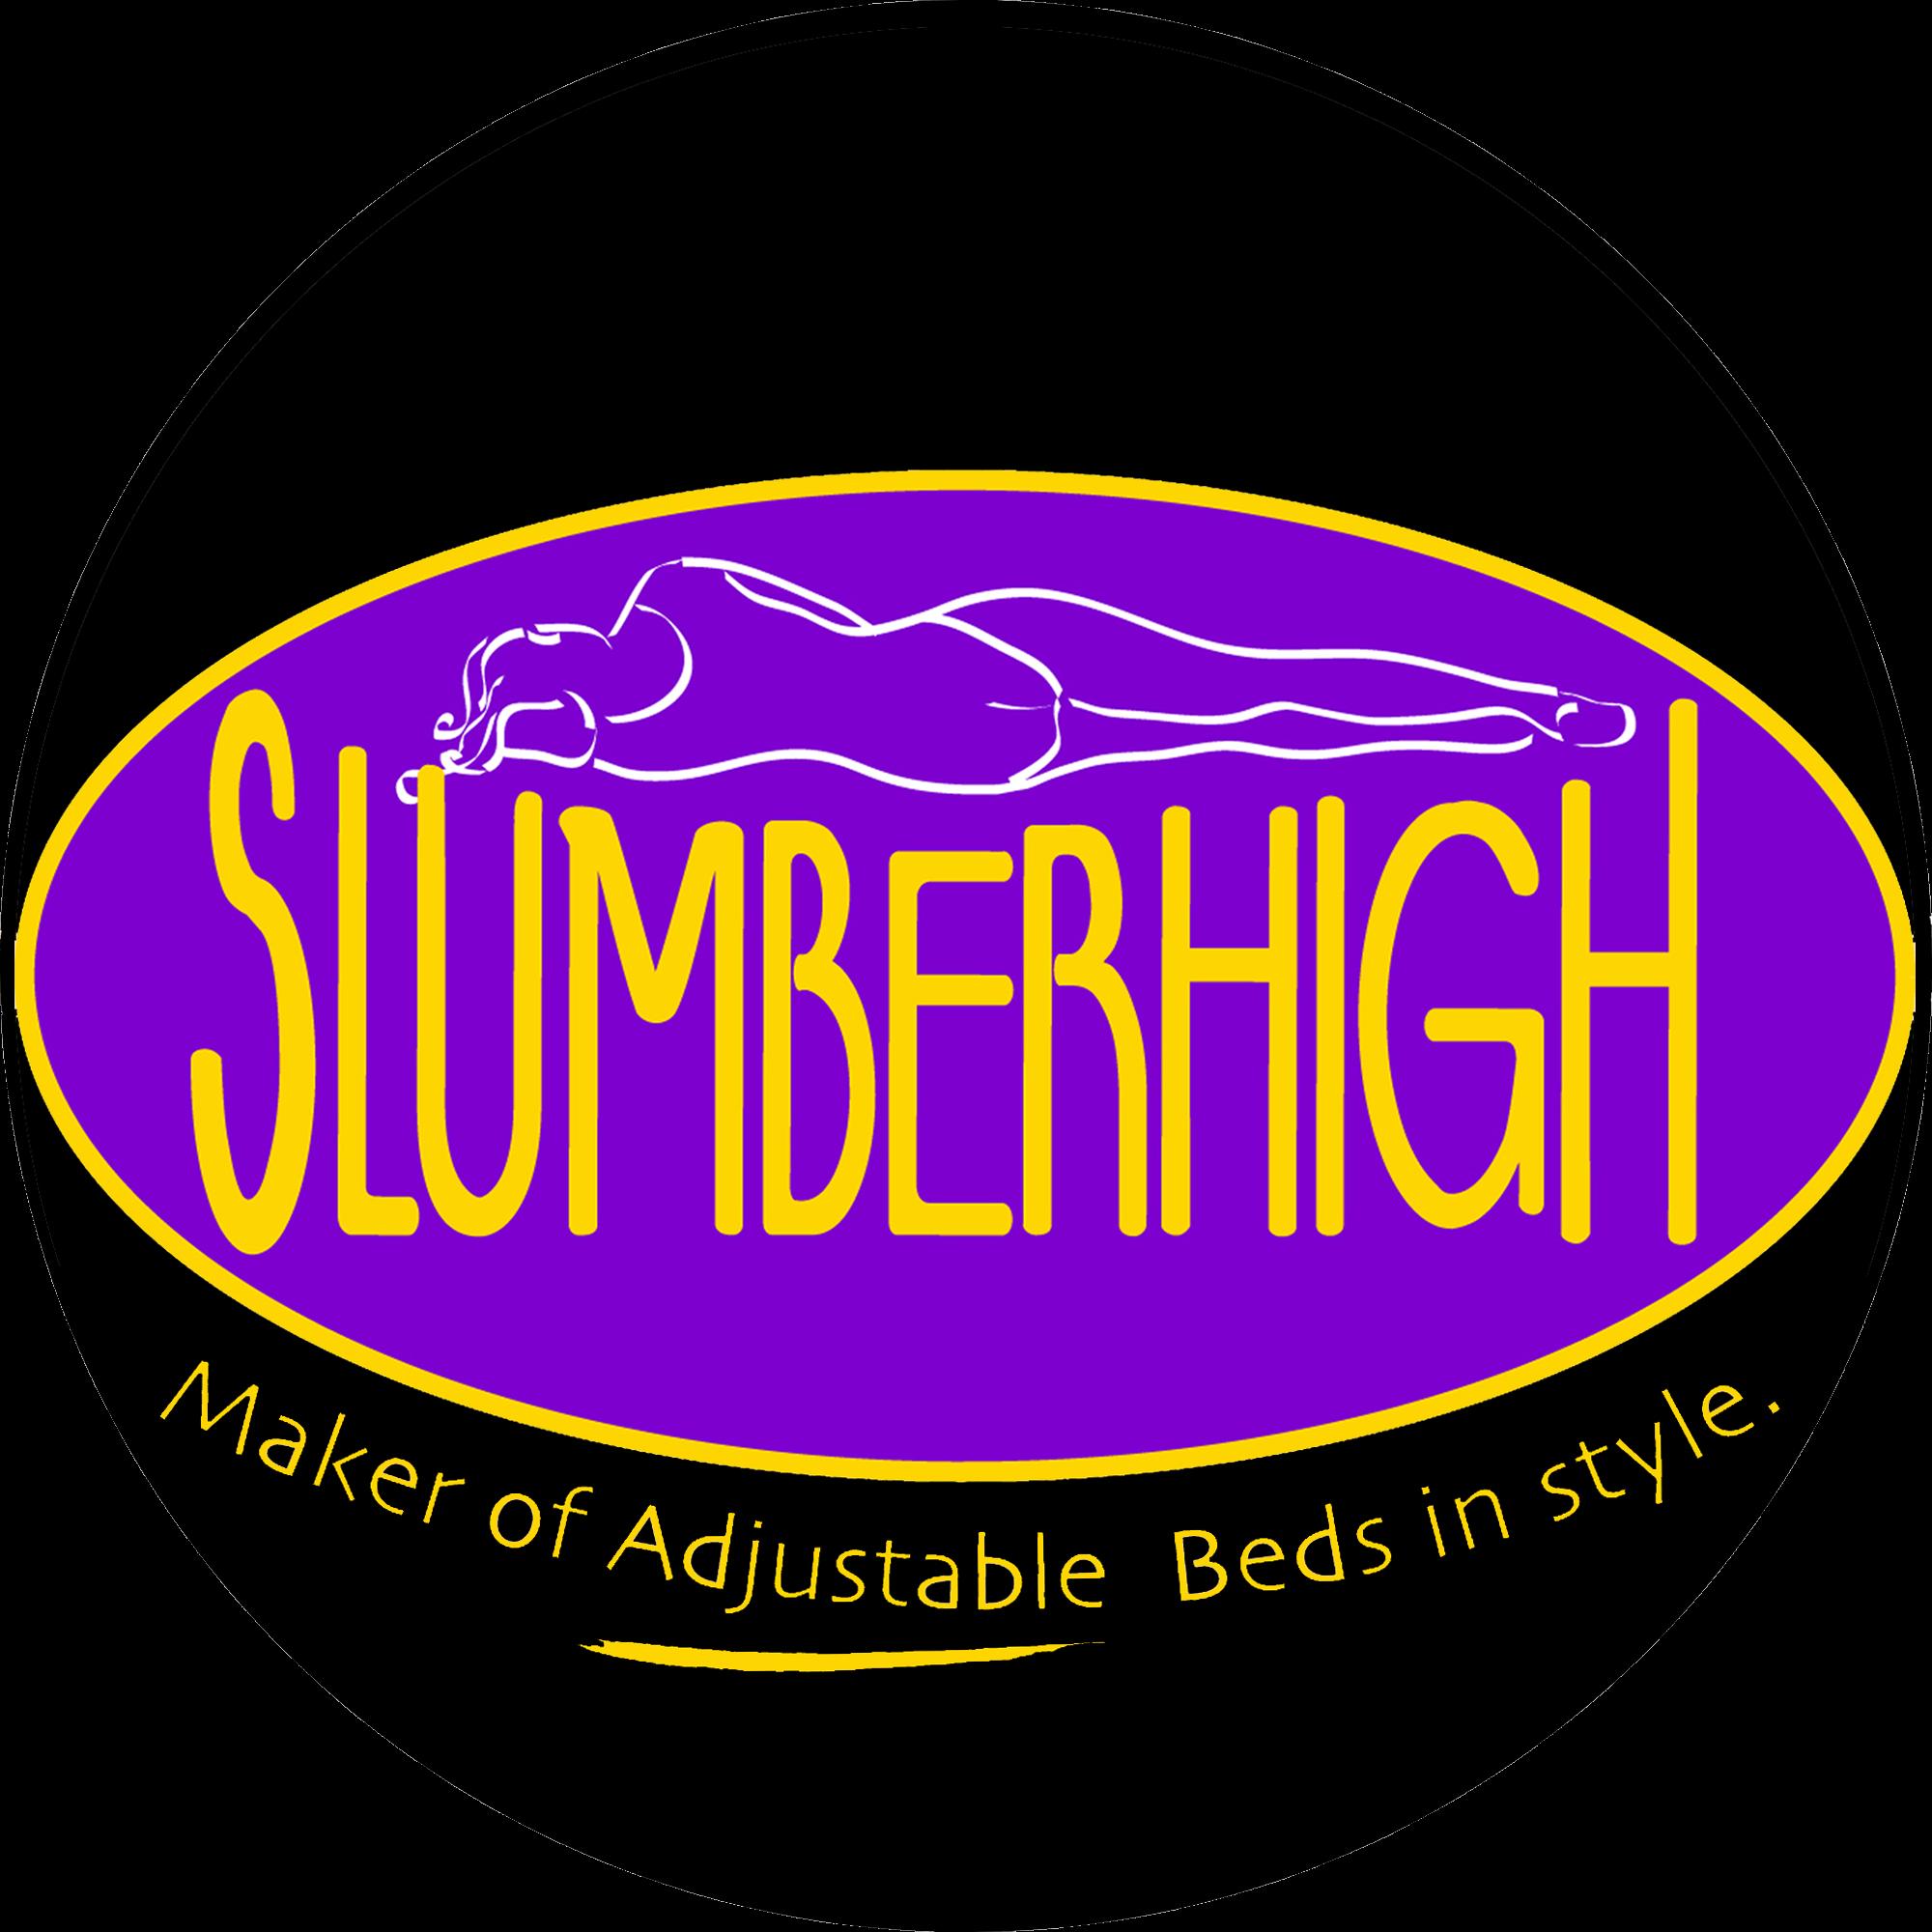 Slumberhigh